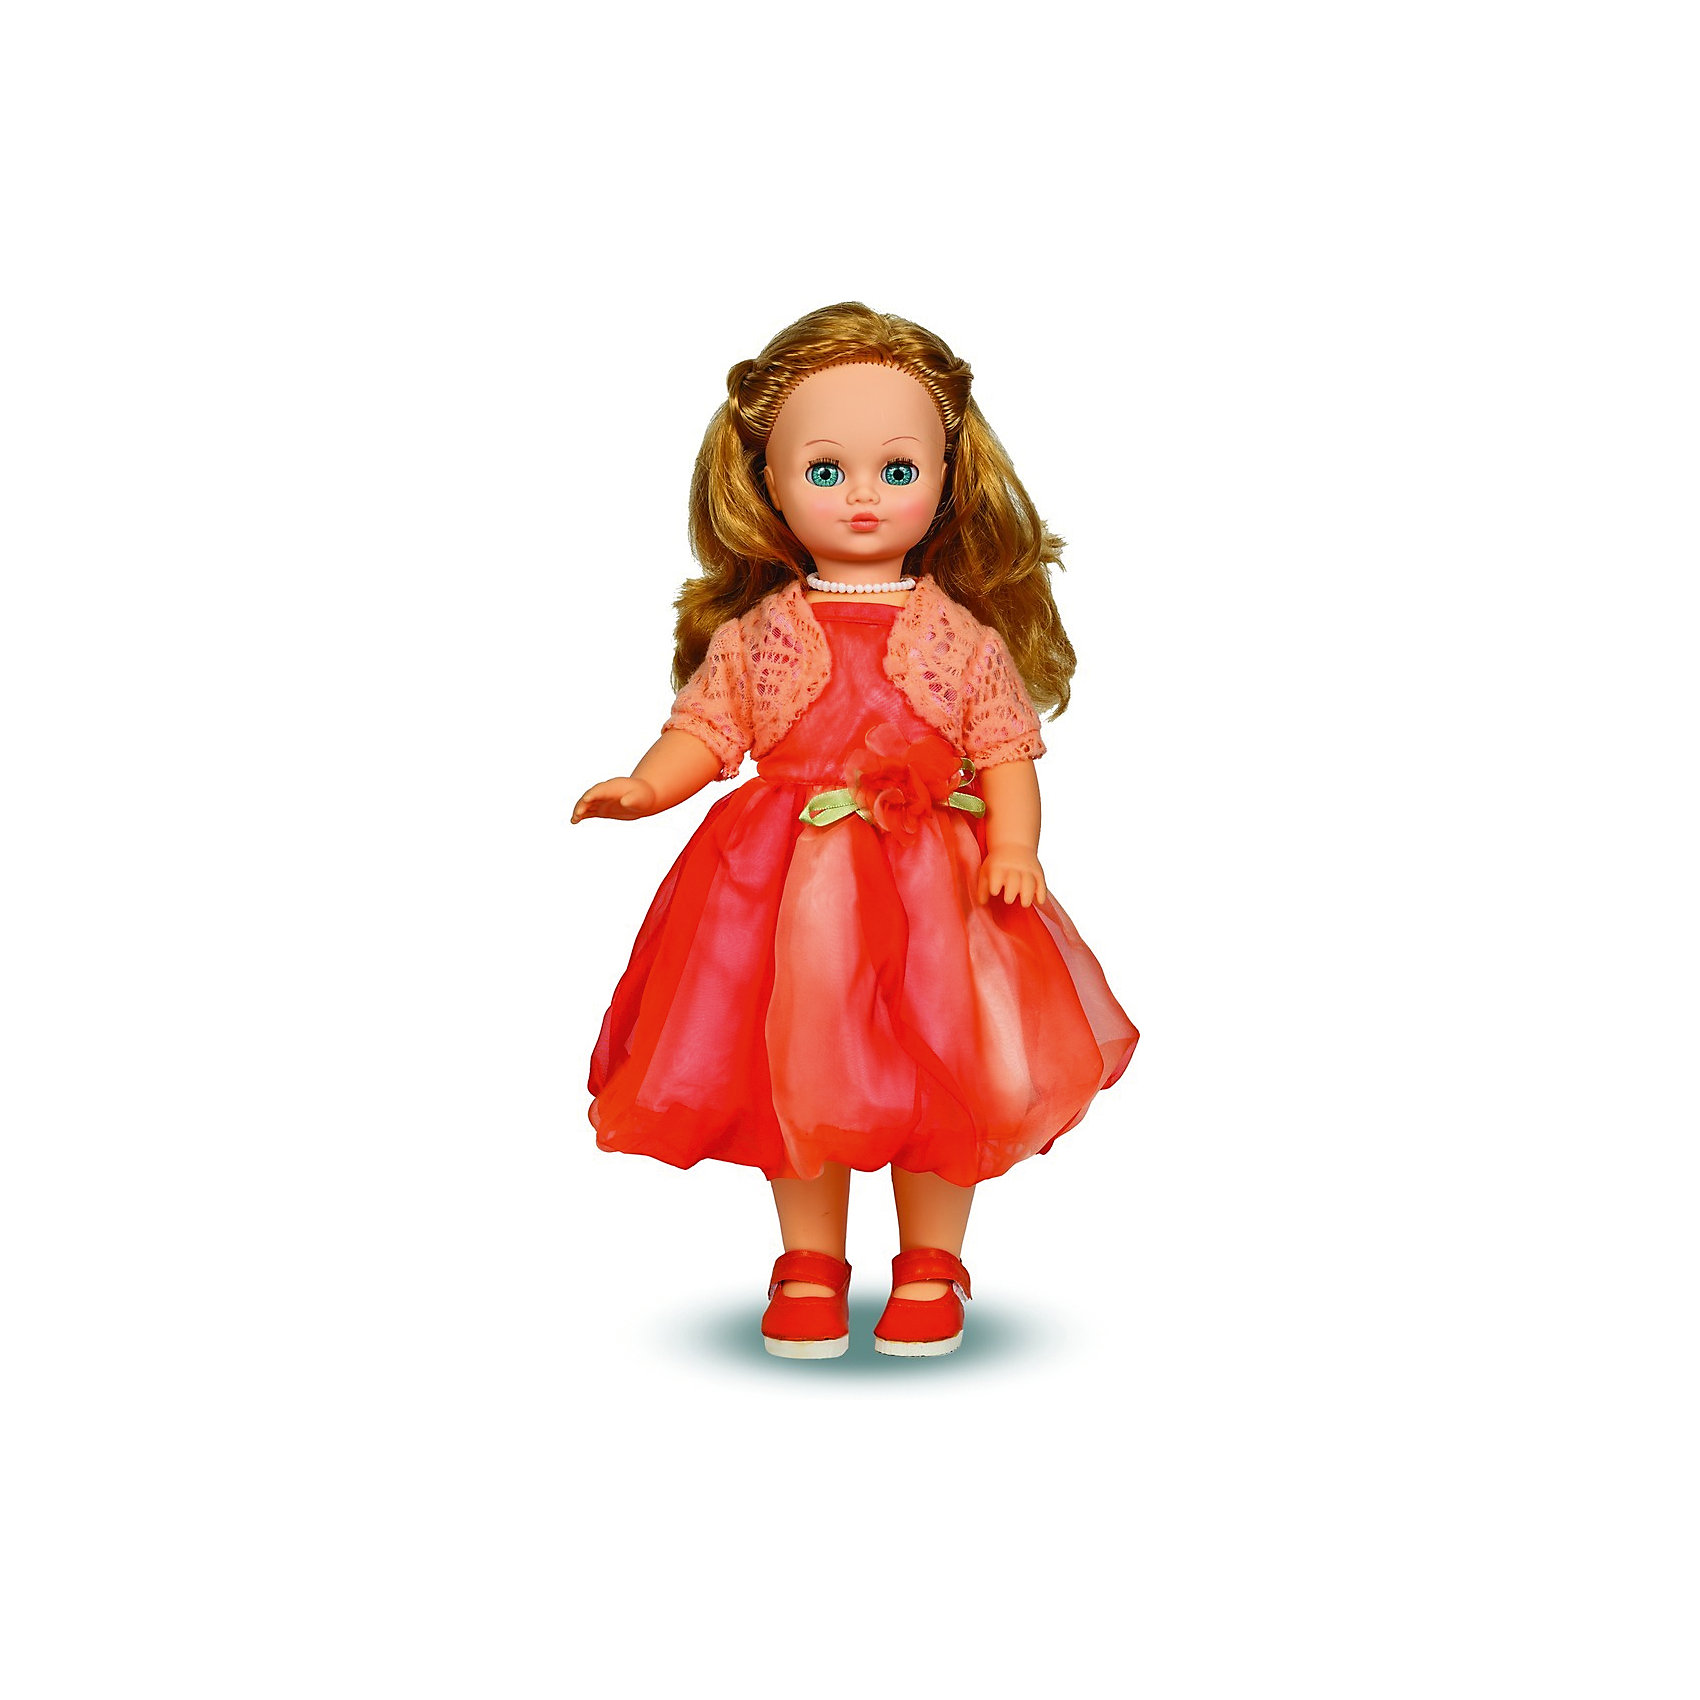 Весна Кукла Лиза, со звуком,  42 см, Весна кукла весна 35 см